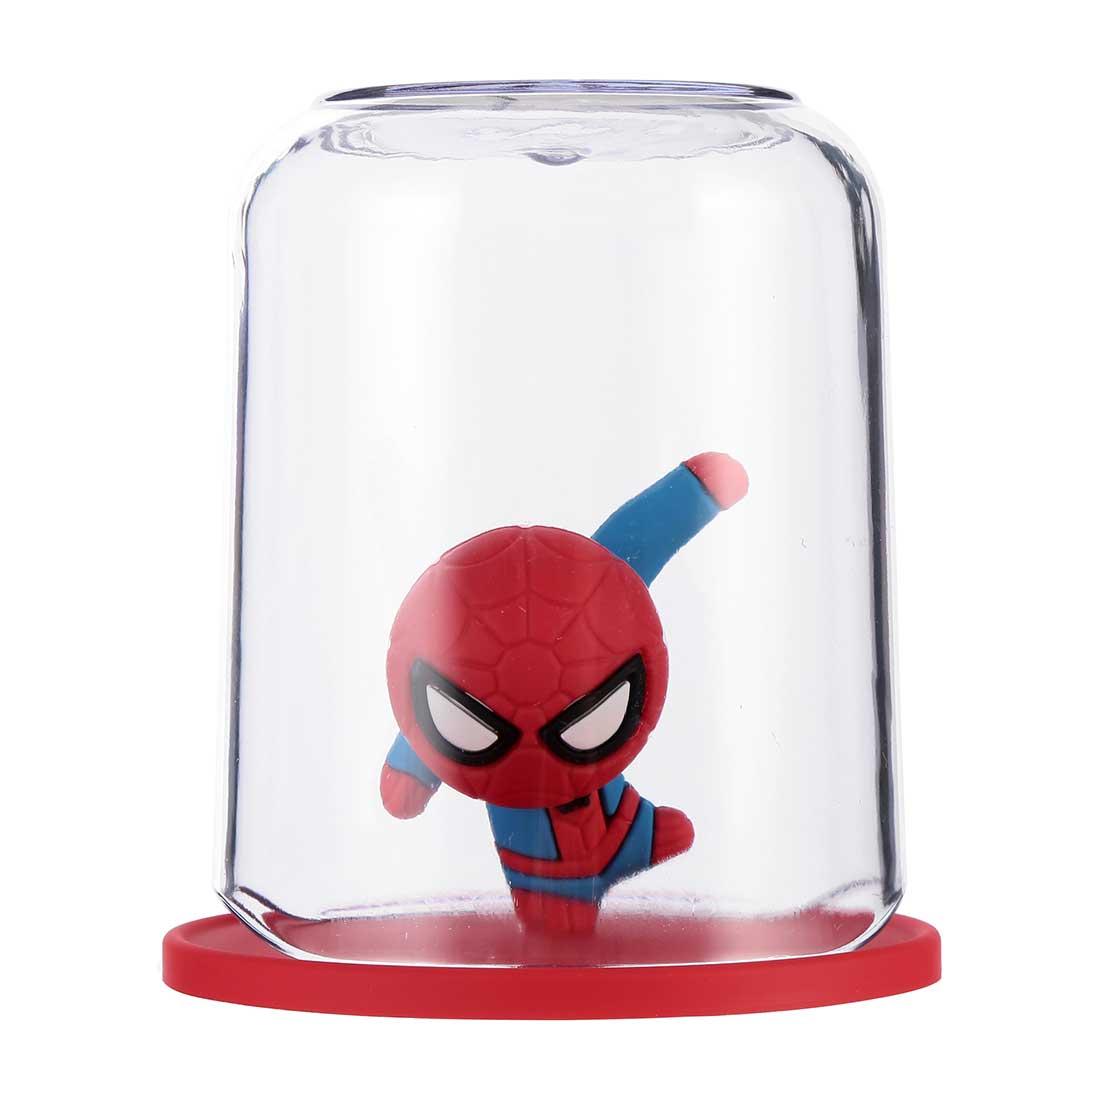 Ly súc miệng Miniso in hình Marvel (Nhiều màu) - Hàng chính hãng